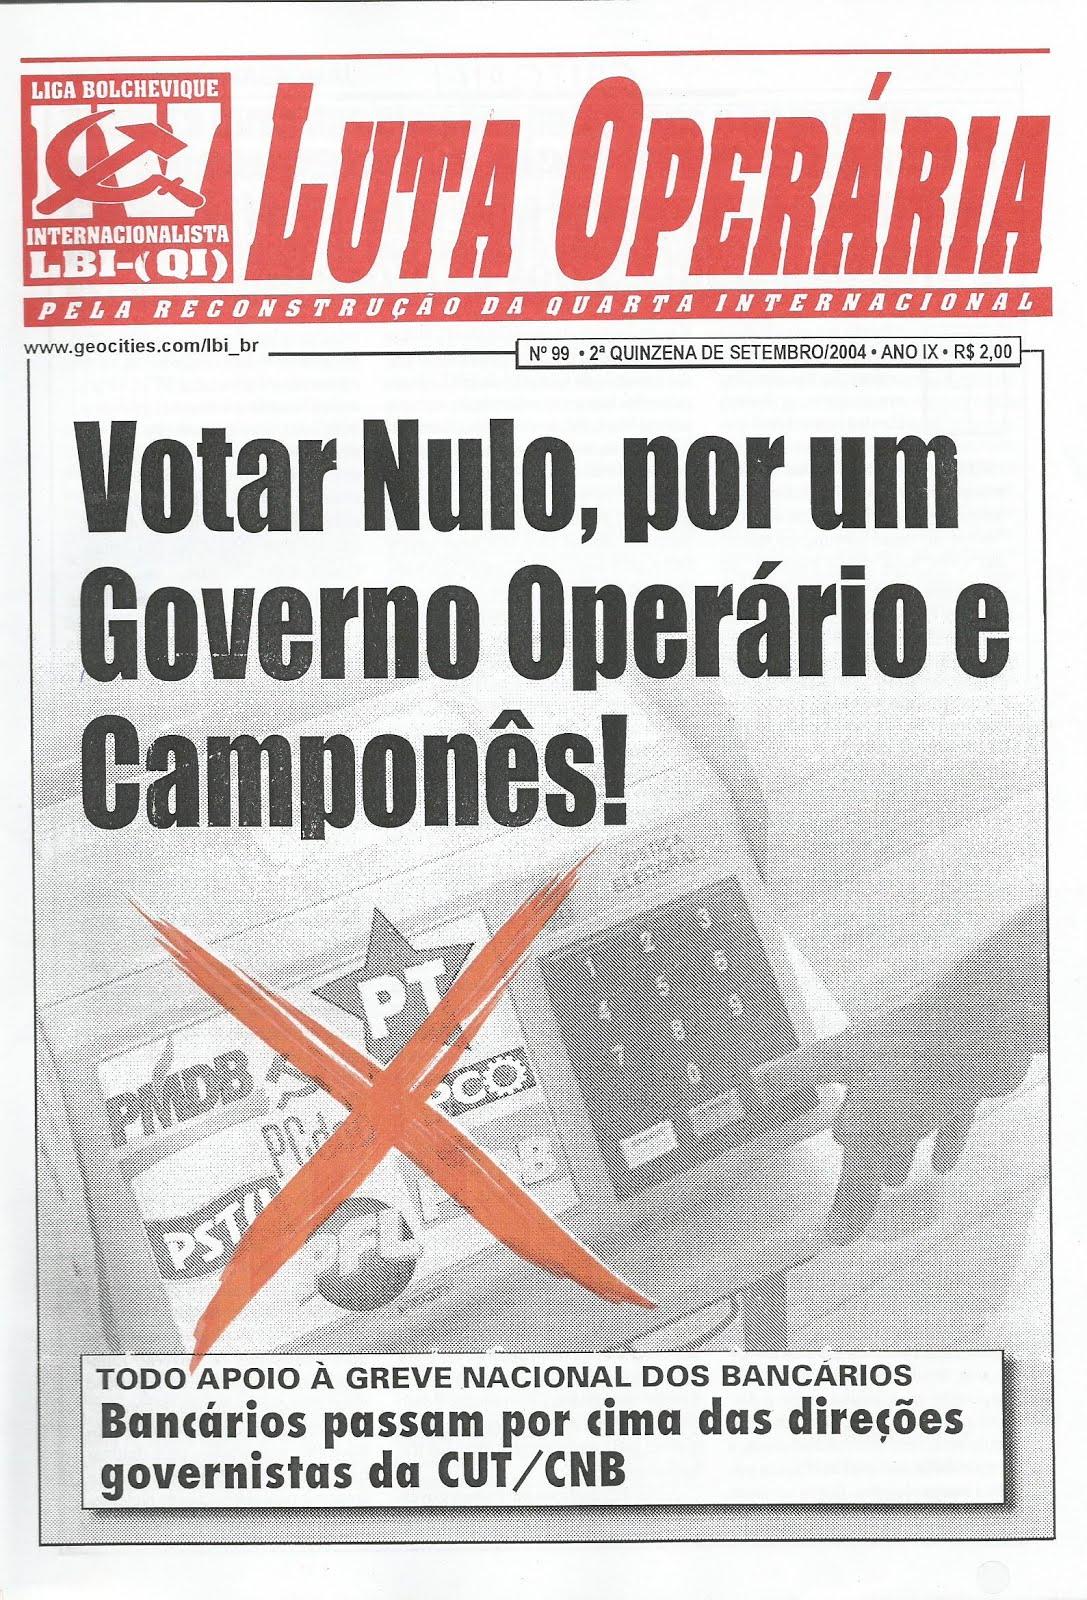 LEIA A EDIÇÃO DO JORNAL LUTA OPERÁRIA Nº99, 2ª QUINZ. DE SETEMBRO/2004